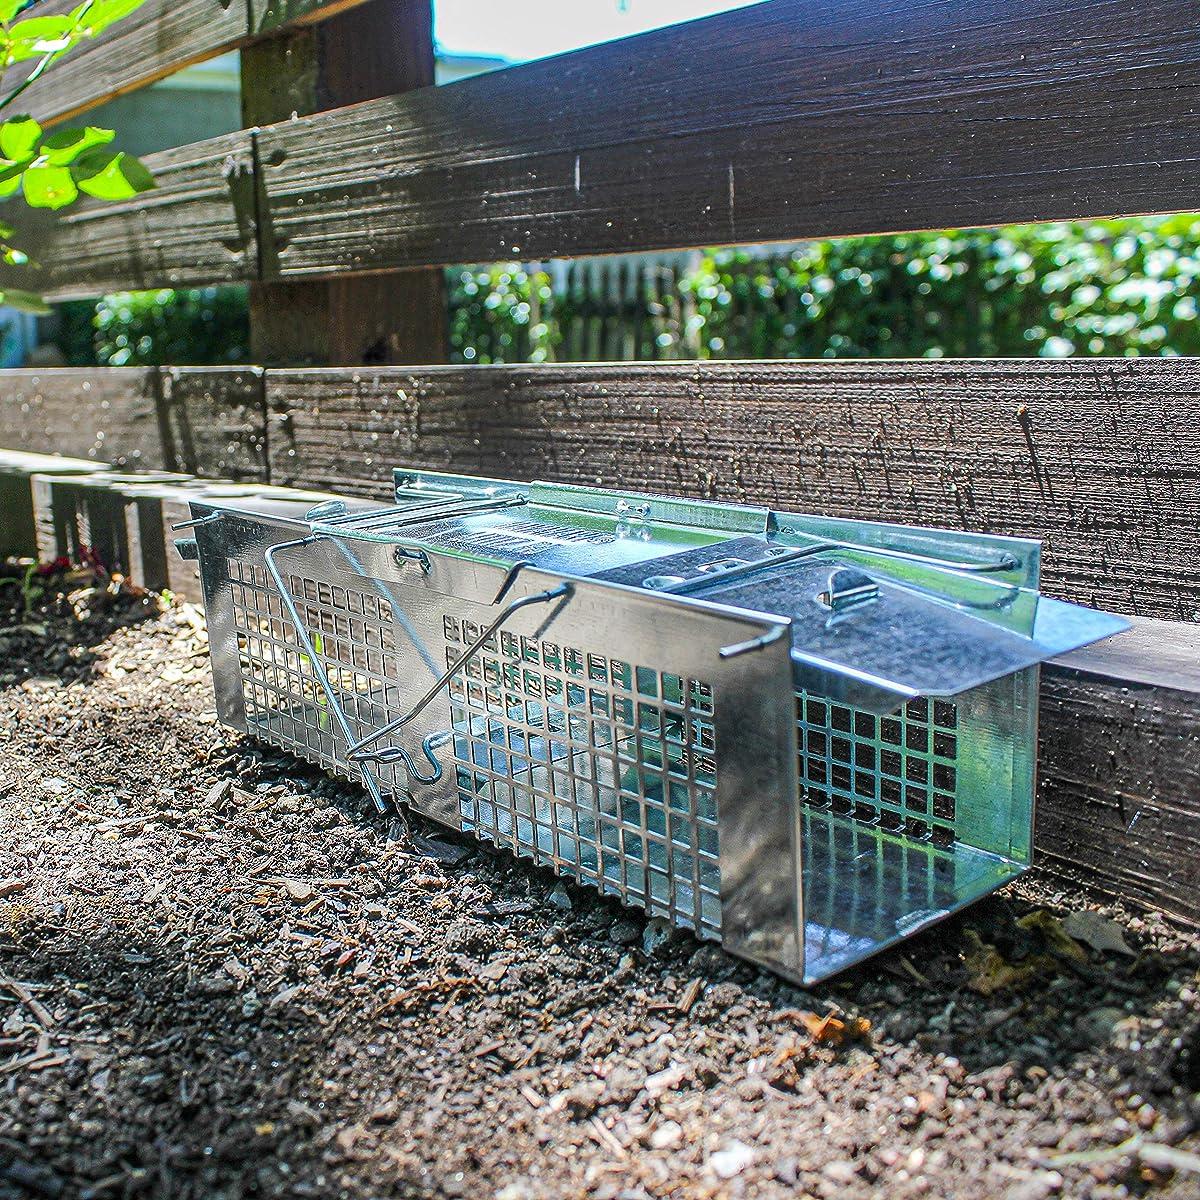 Havahart Mouse Trap